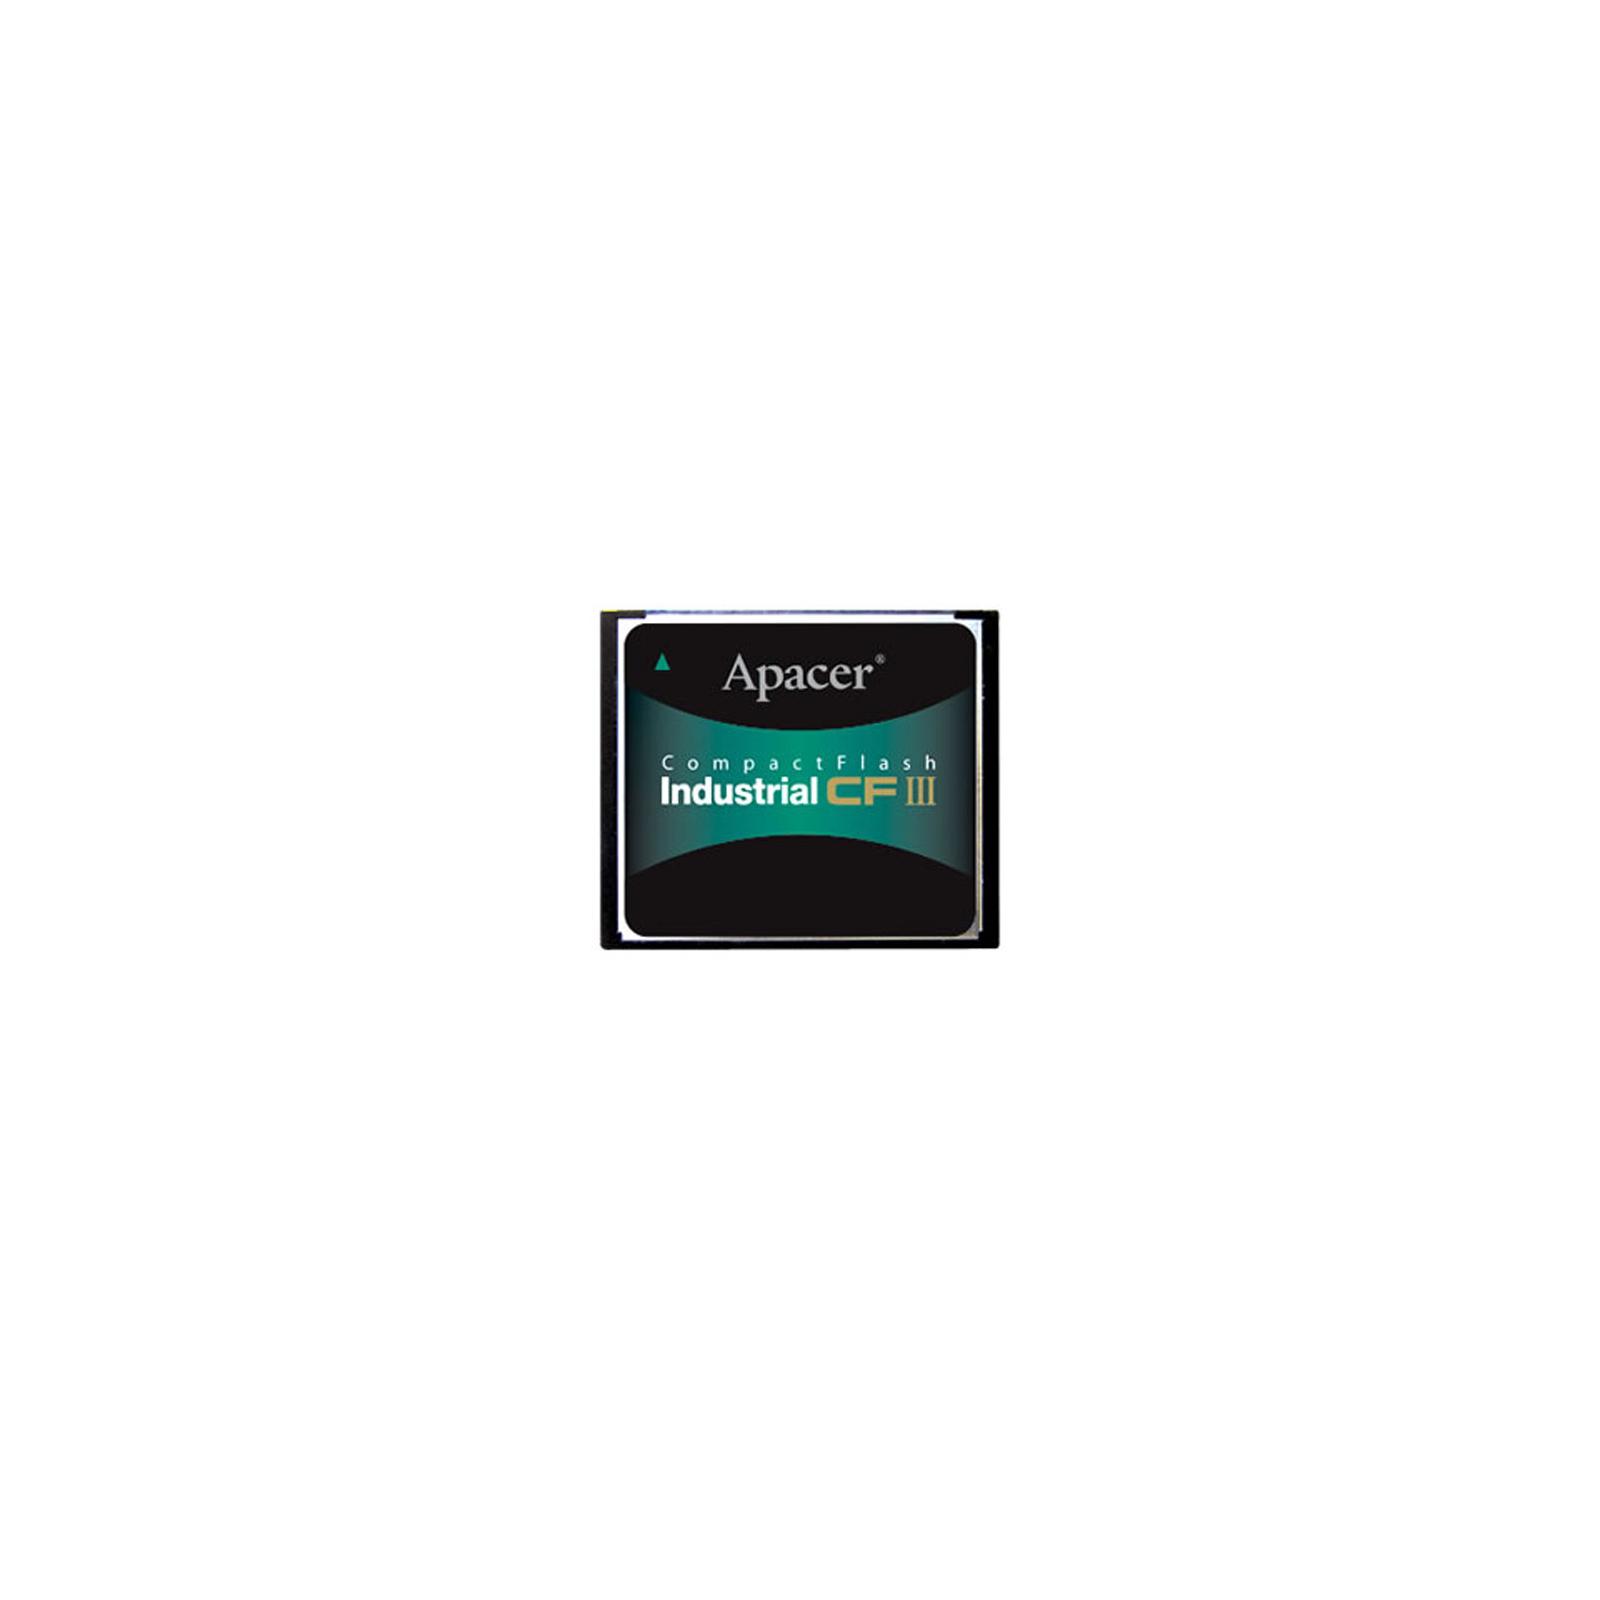 Карта памяти 4Gb Compact Flash Apacer (AP-CF004GR9NS-ETNRA / AP-CF004GE3NR-ETNR)